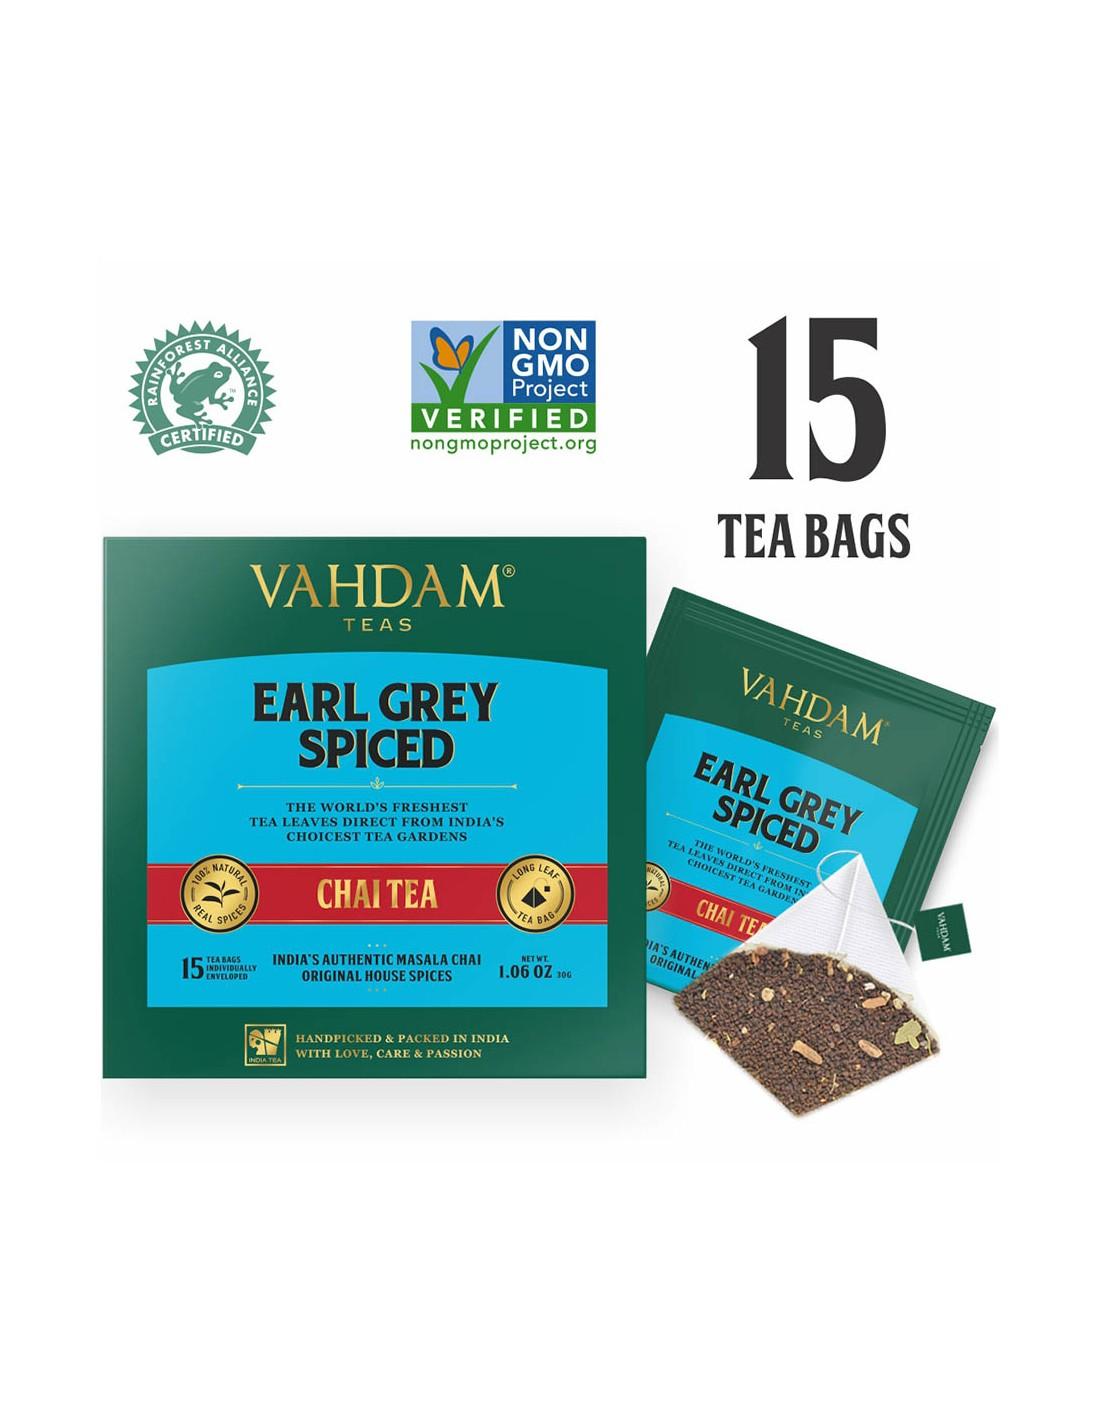 Niekonwencjonalne połączenie tradycyjnej indyjskiej herbaty Masala Chai z nutami naturalnego ekstraktu z bergamotki. Skład: herbata czarna Assam 85%, naturalny ekstrakt z bergamotki 2%, kardamon 4%, cynamon 2,5%, czarny pieprz 3%, goździki 3,5% Temperatura wody: 90-100 C Czas parzenia: 3-5 minut Zawartość kofeiny: wysoka Ilość: 15 szt/30g  Nowoczesna interpretacja tematu tradycyjnej indyjskiej herbaty Masala Chai - popisowy słodowy i odważny smak najwyższej jakości czarnych herbat Assam CTC, połączony z mieszaniną świeżych, aromatycznych przypraw indyjskich, takich jak kardamon, cynamon, goździk i czarny pieprz, a jednocześnie odświeżony nutami cytrusowymi olejku z bergamotki. Ciepłe, pikantne nuty przypraw, orzeźwione nutami cytrusa, które dają ciekawą, rozgrzewającą herbatę, polecaną na chłodniejsze miesiące. Czarne herbaty do naszych mieszanek Chai zbierane są ręcznie w rejonie Assam w miesiącach letnich (maj- sierpień), czyli w okresie kiedy liście są w szczycie swojej mocy, smaku